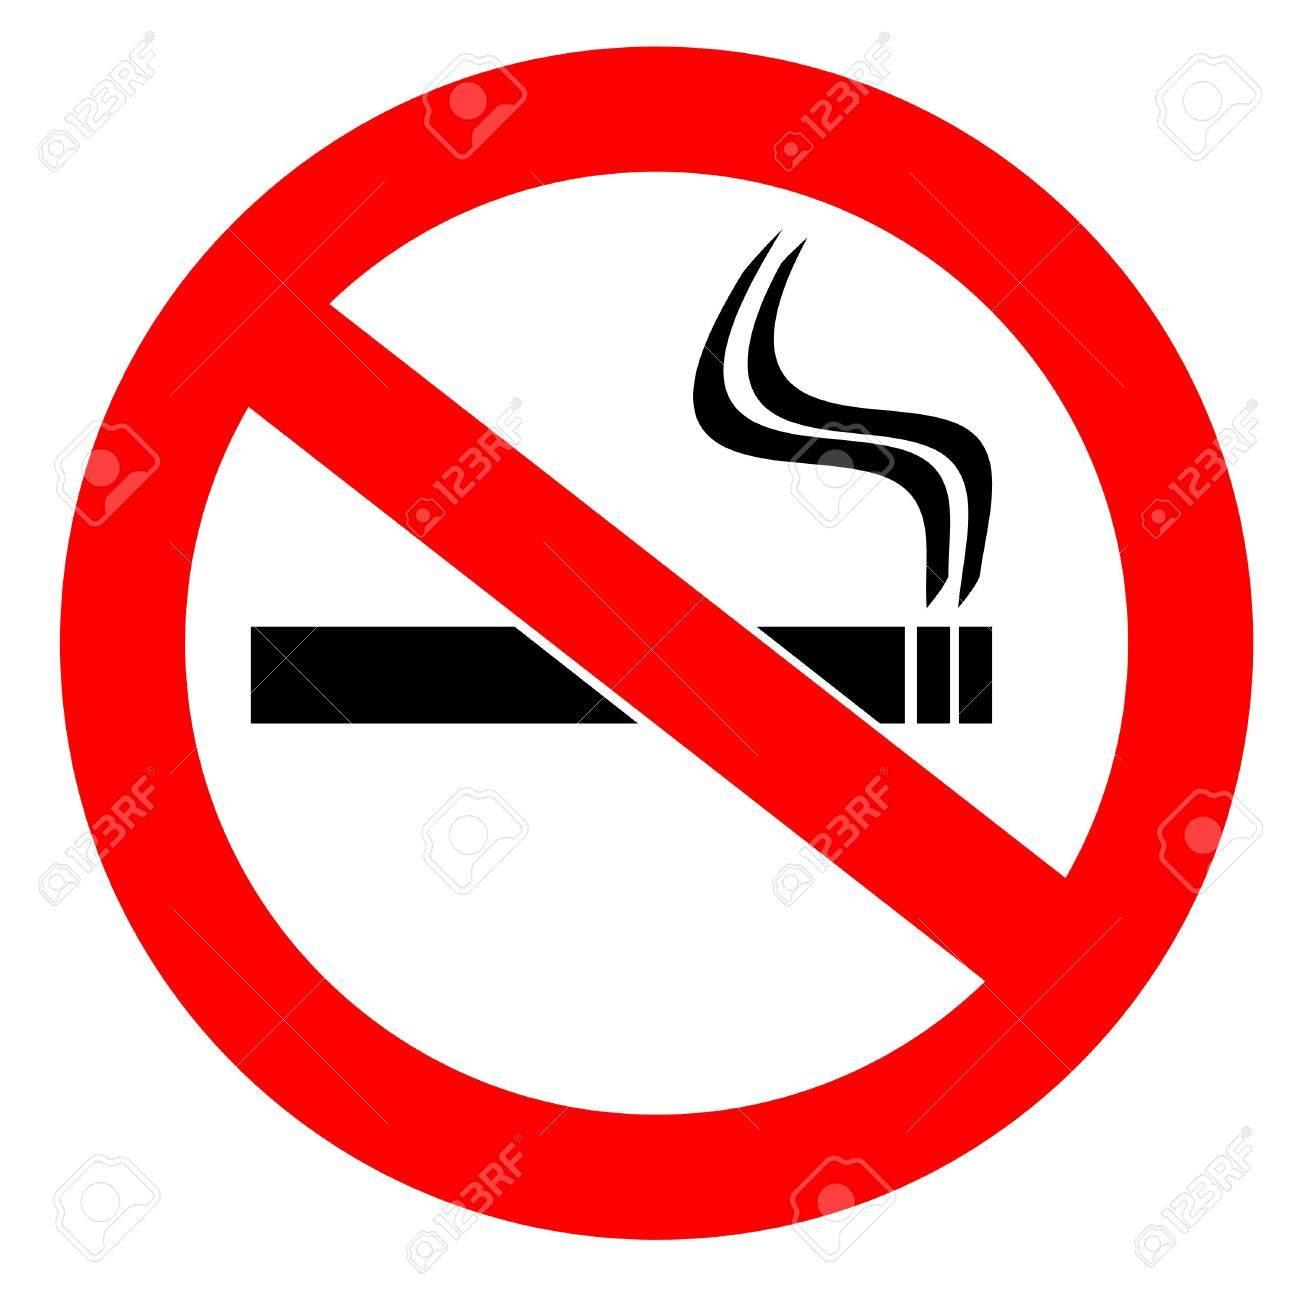 No smoking sign Stock Photo - 6178653